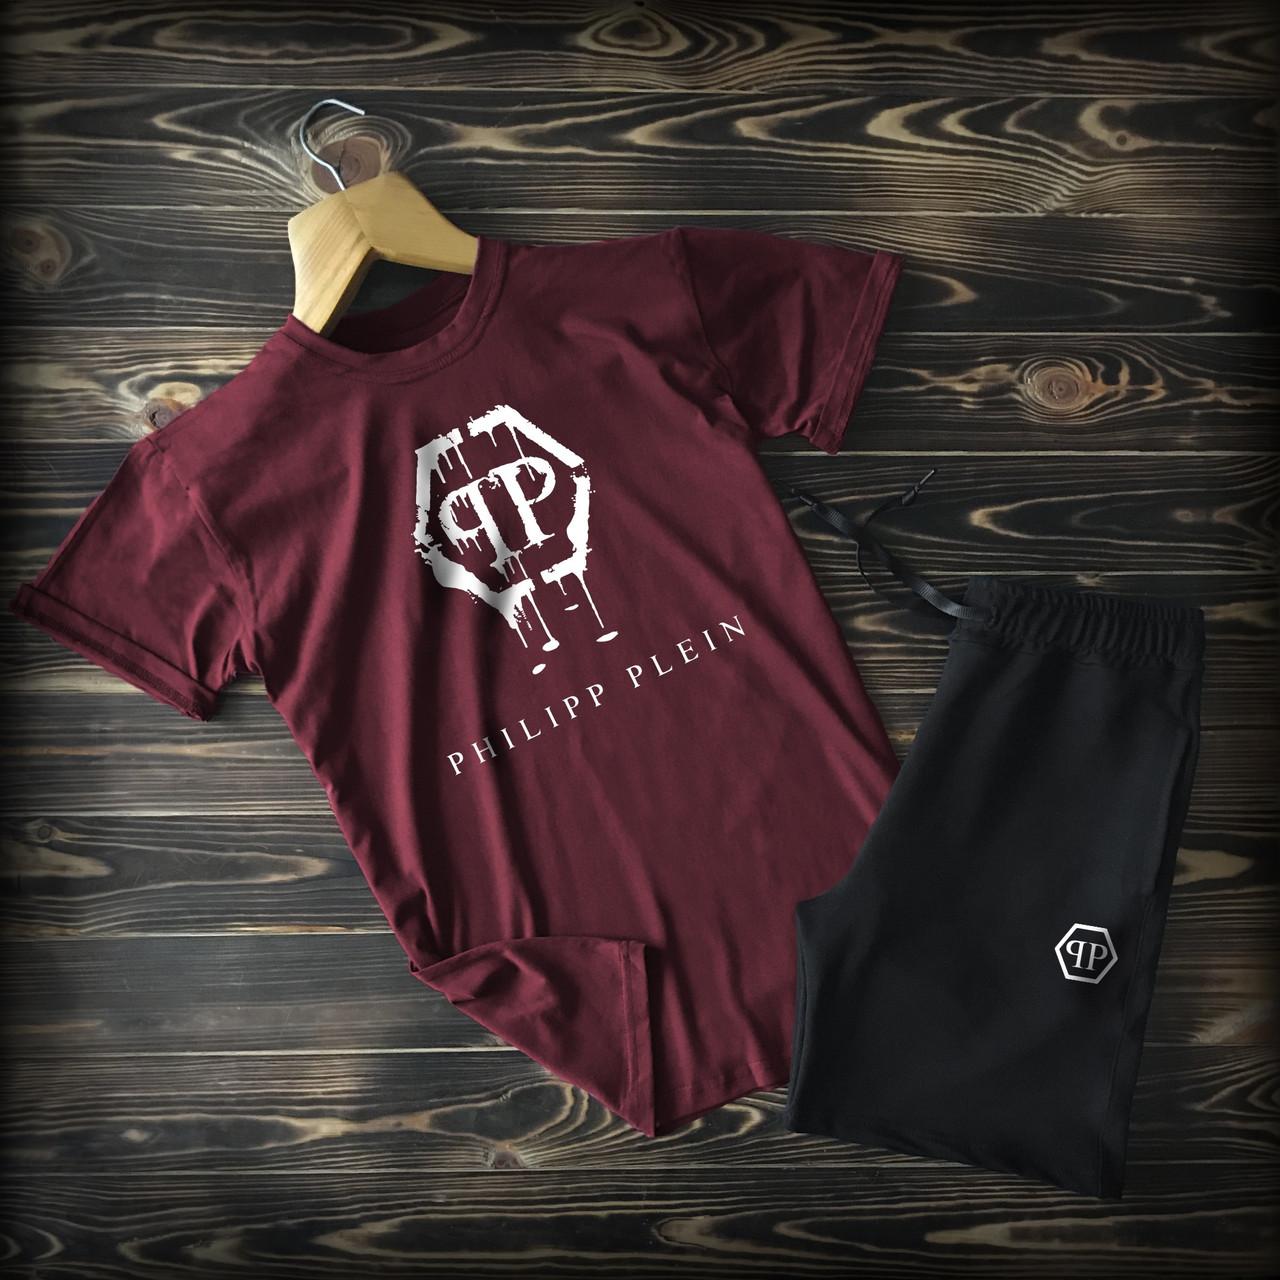 Мужской спортивный комплект Philipp Plain (реплика), футболка + шорты. Цвет: бордовый